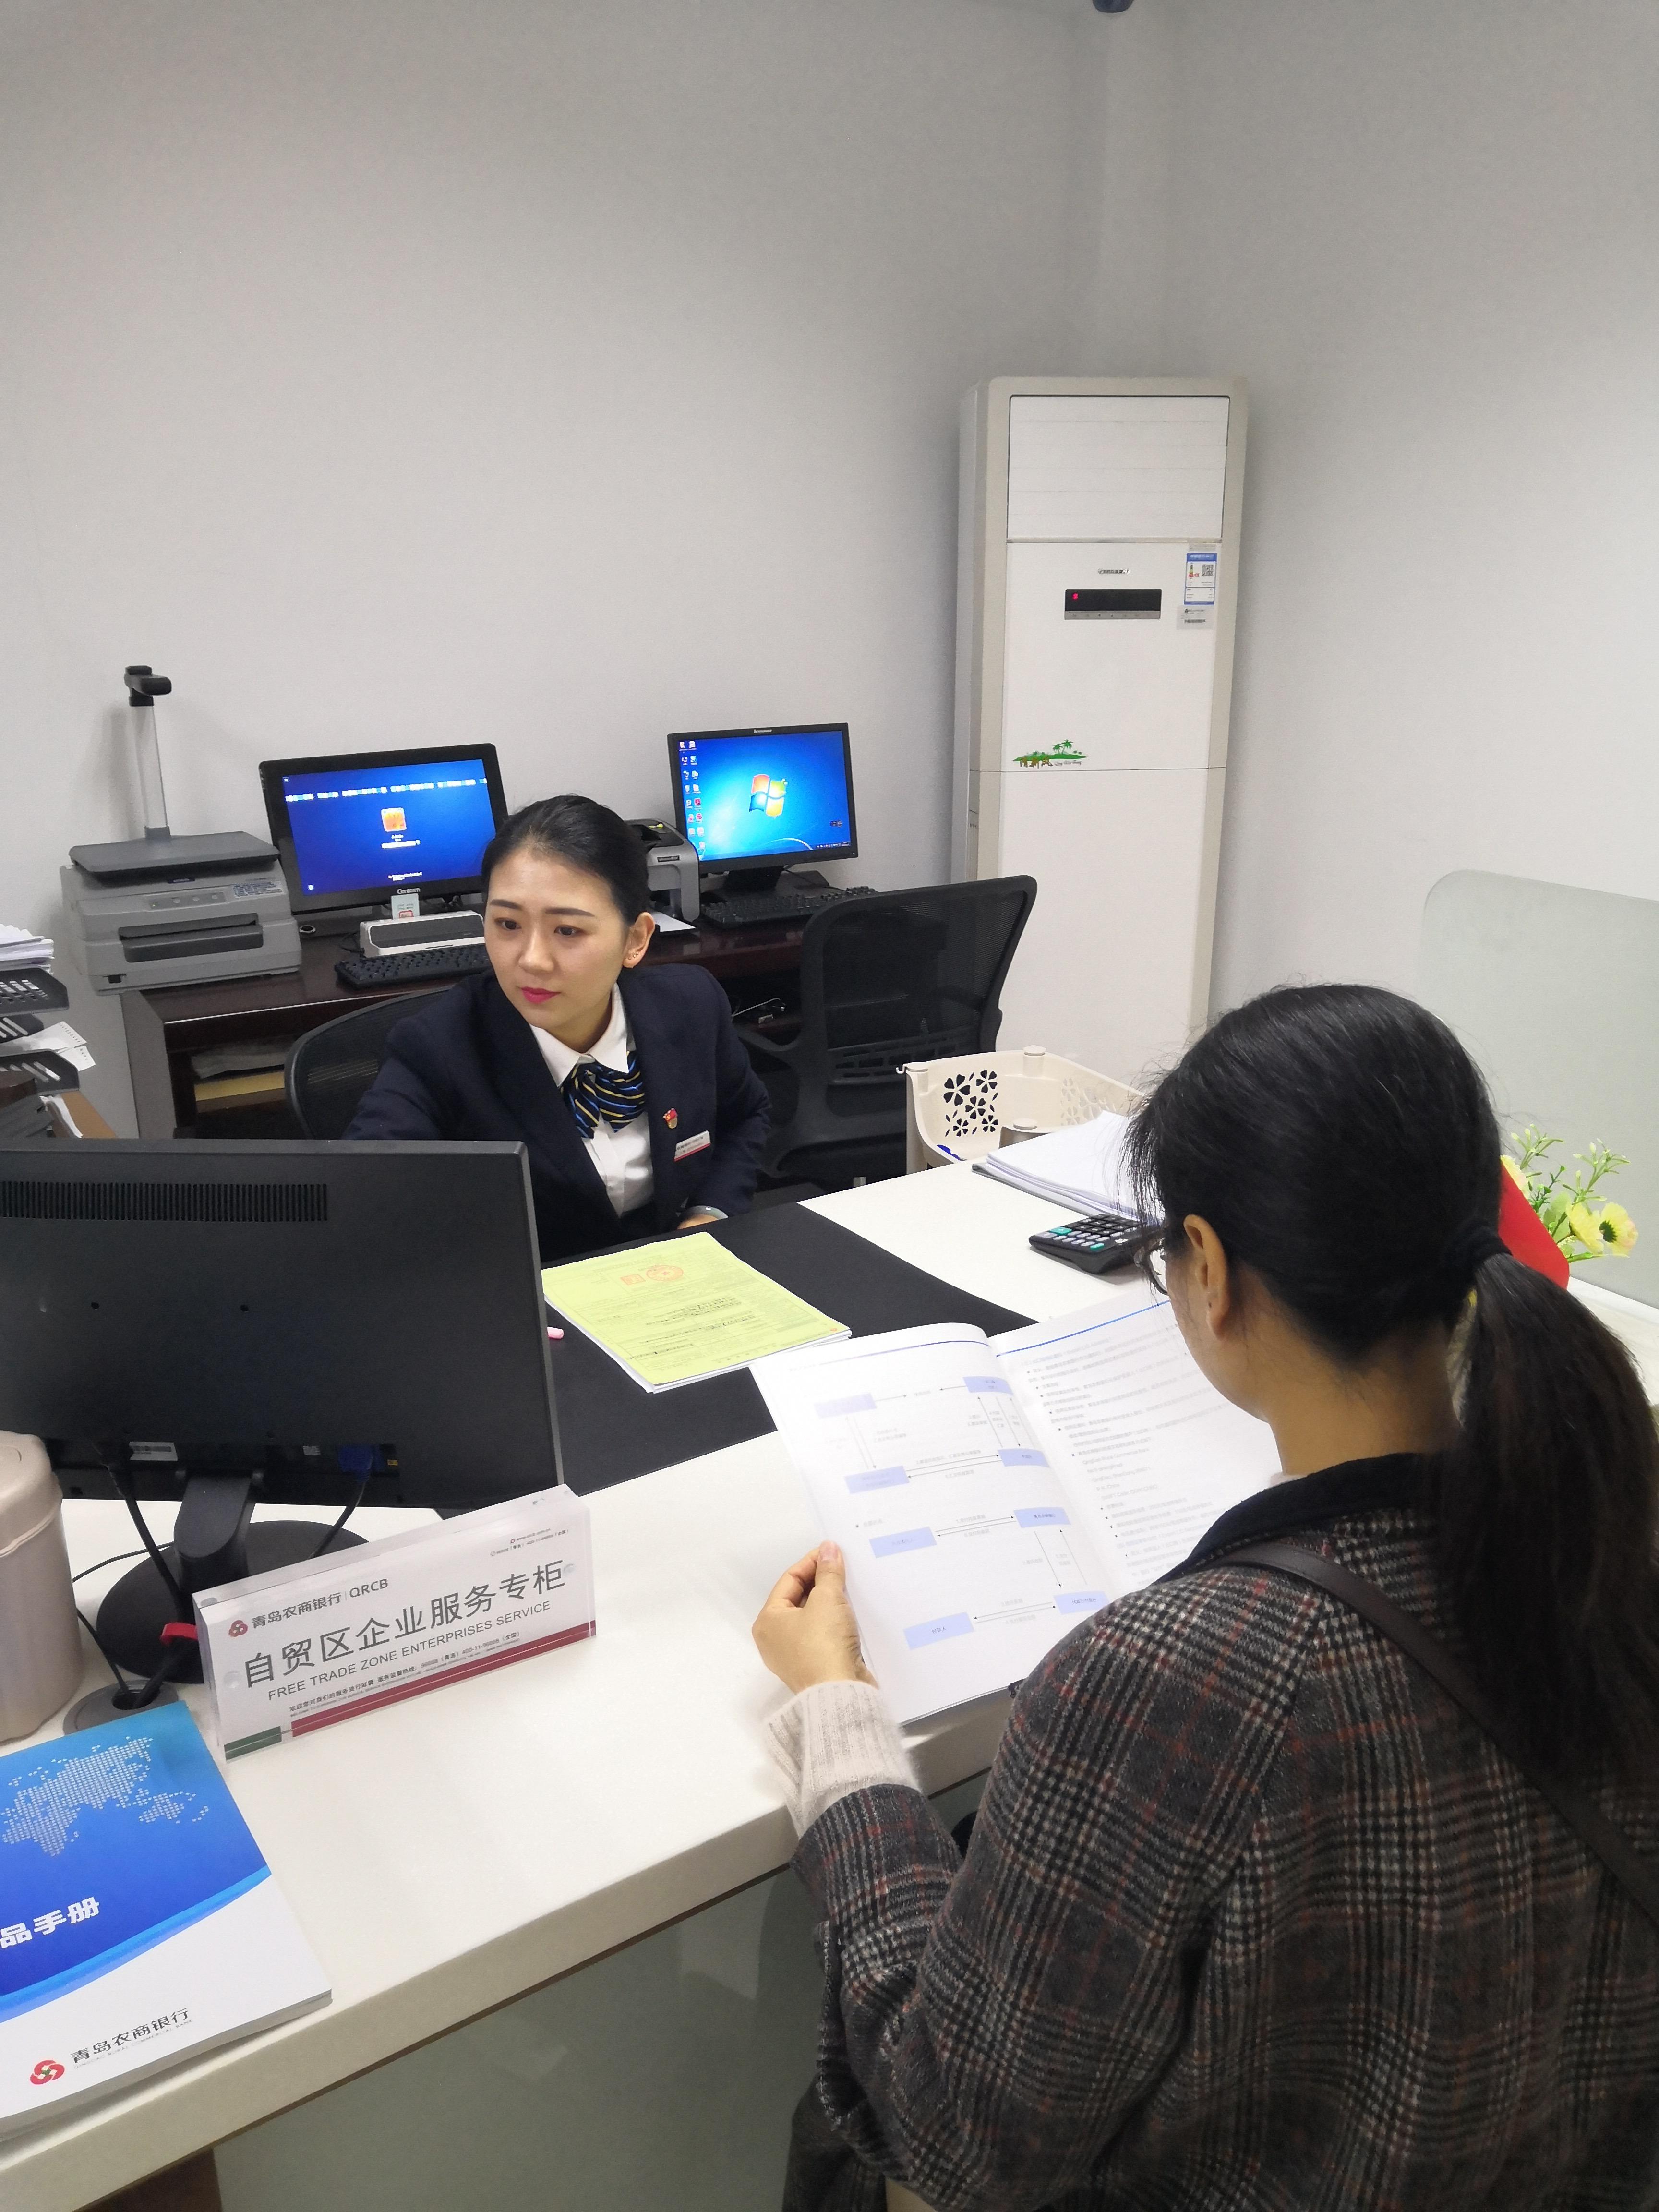 跨境金融续新篇:青岛农商银行成功落地全国农商银行首笔中新货币互换业务